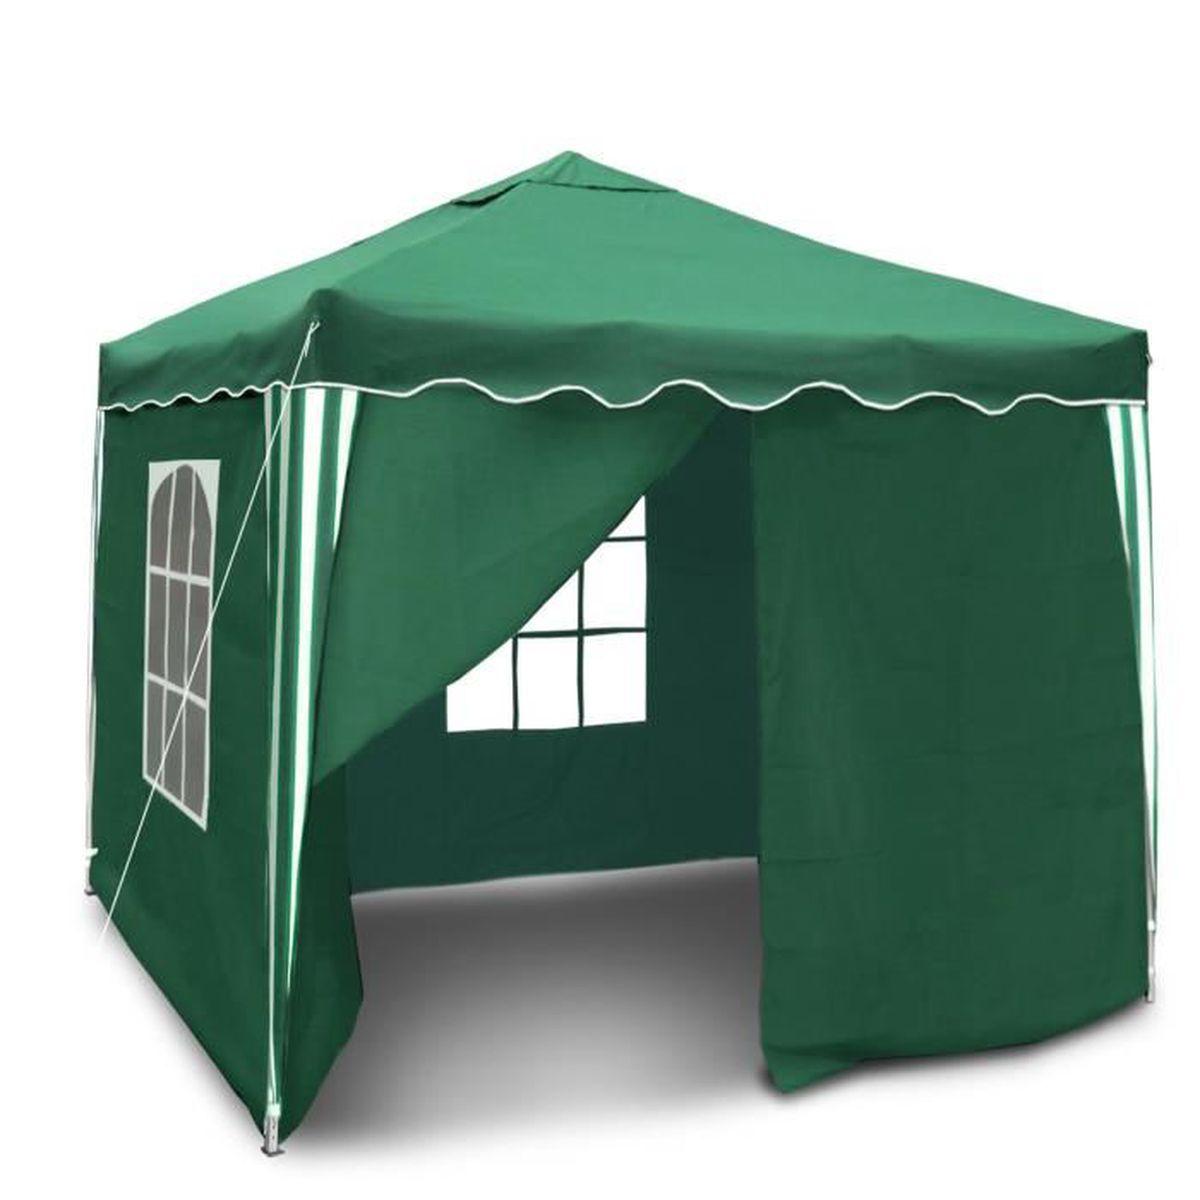 Superbe Un Barnum Bristol III 127143 vert et pliable 3 x 3 m, toit  impermeable, avec parois et sac de transport